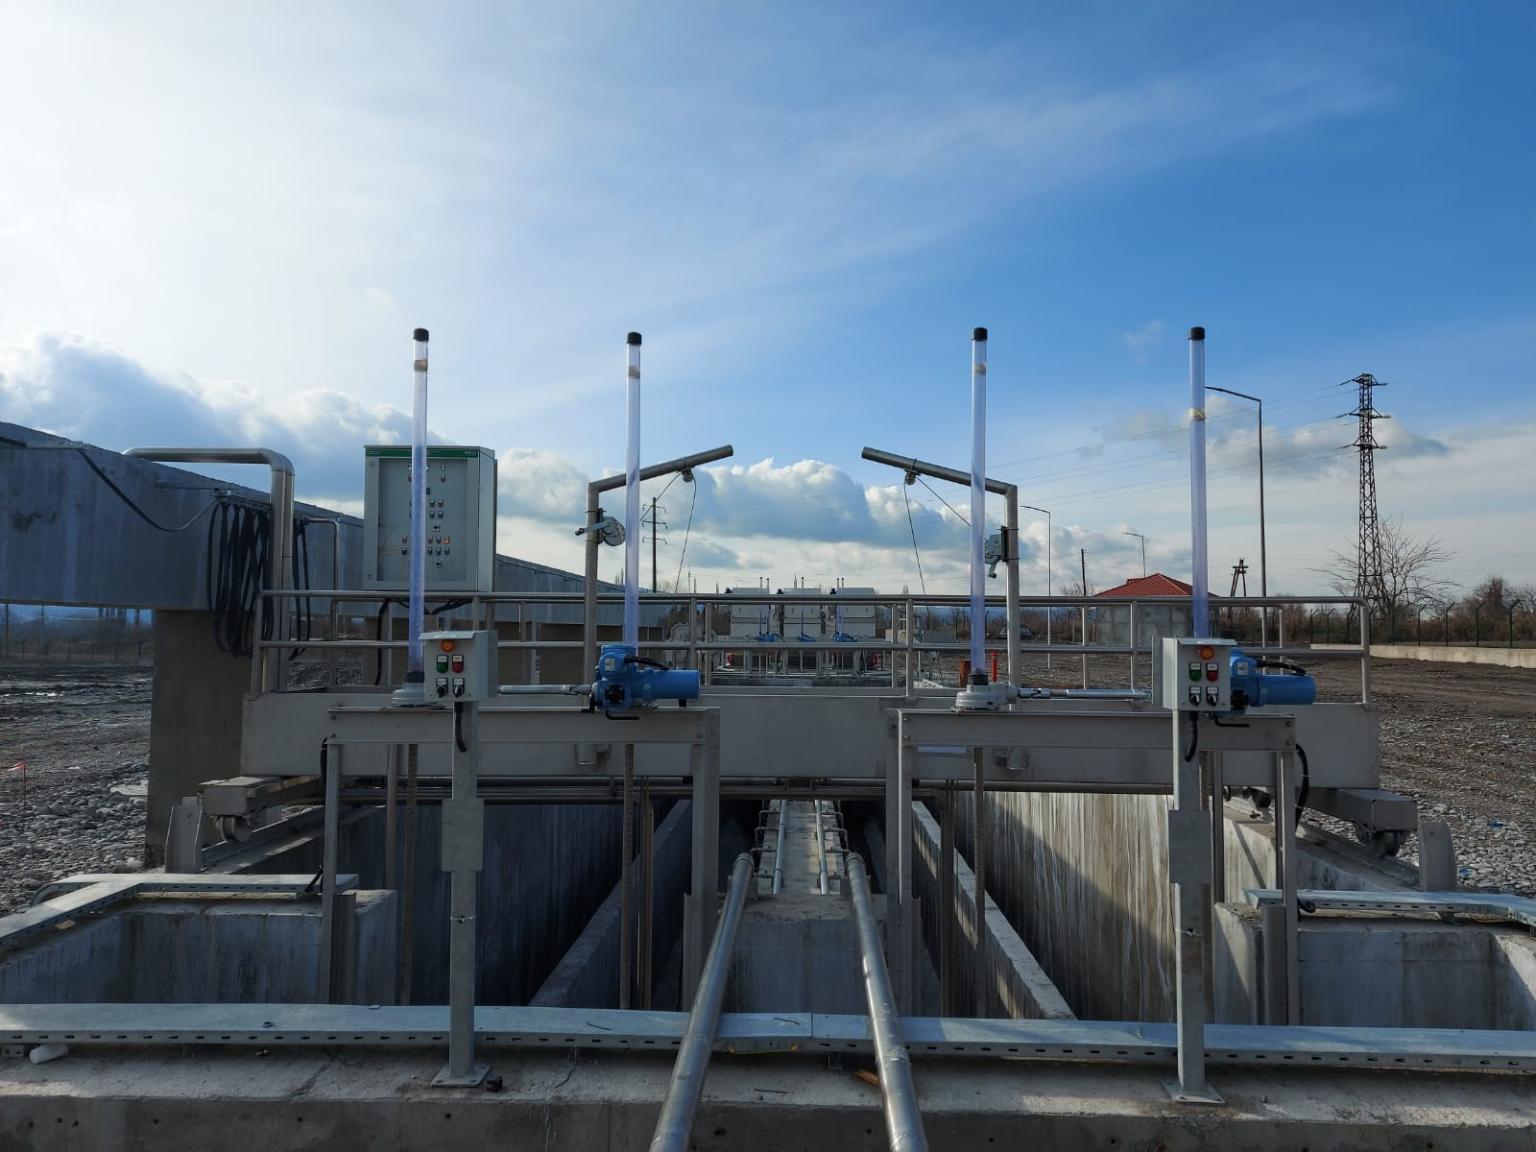 Siemens Sinamics G120X ile Azerbaycan da bulunan Atıksu Arıtma Tesisini başarıyla devreye alarak, Azersu tarafından kabulünü gerçekleştirdik.